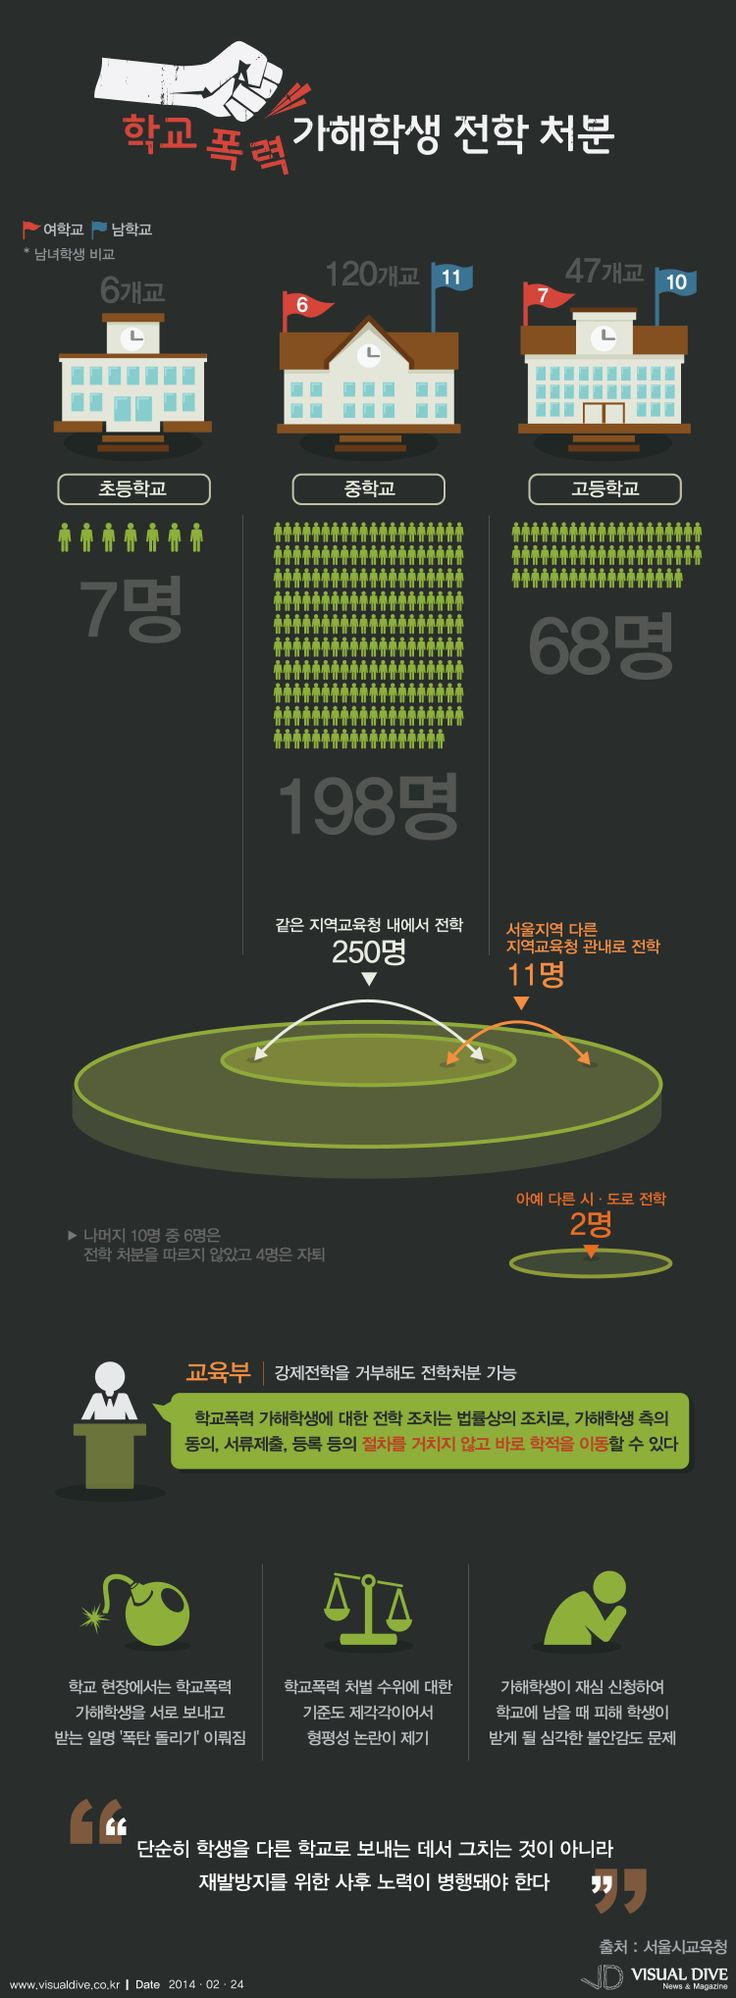 [인포그래픽] 학교폭력 가해학생 전학처분…지난 해 상반기 237건 #violence / #Infographic ⓒ 비주얼다이브 무단 복사·전재·재배포 금지